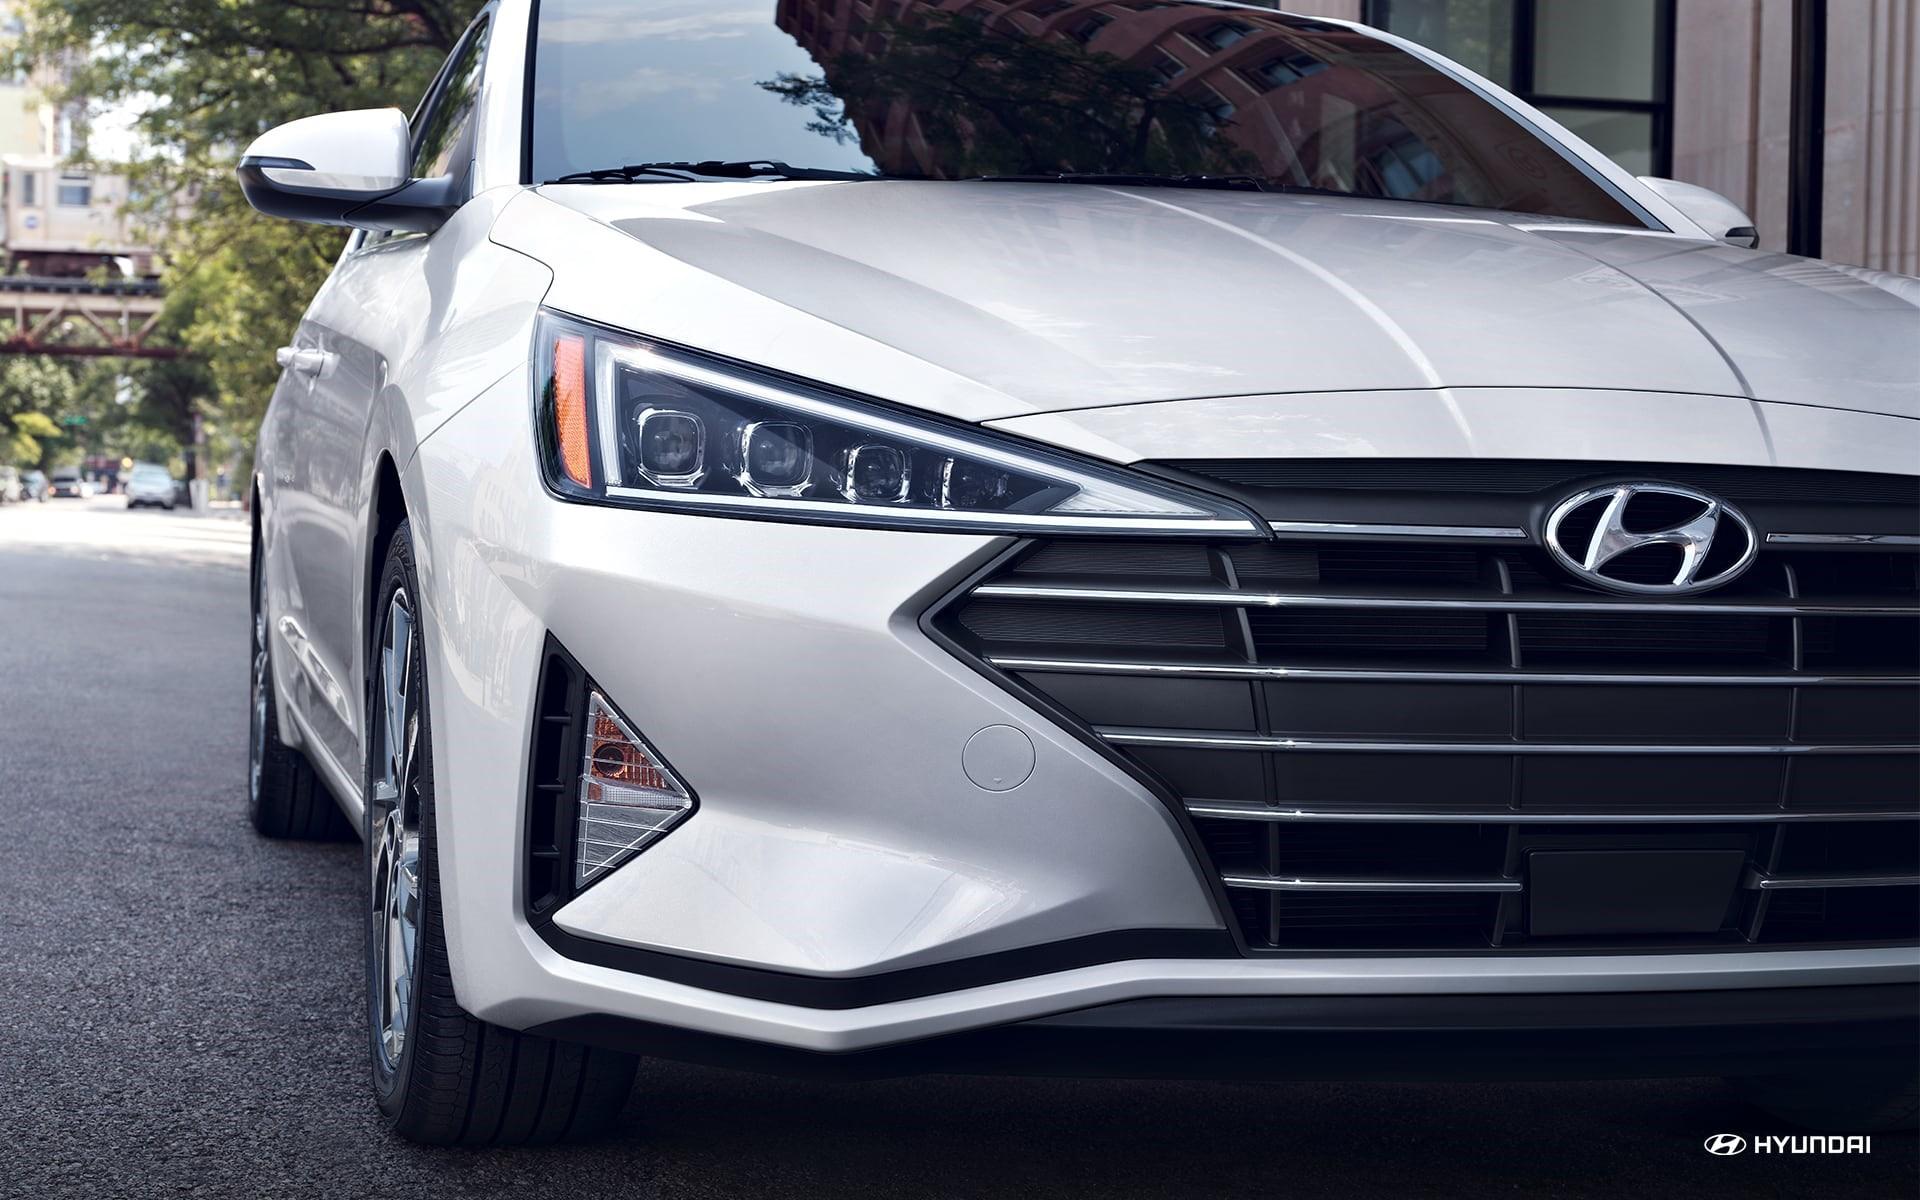 Hyundai Elantra 2020 a la venta cerca de Manassas, VA